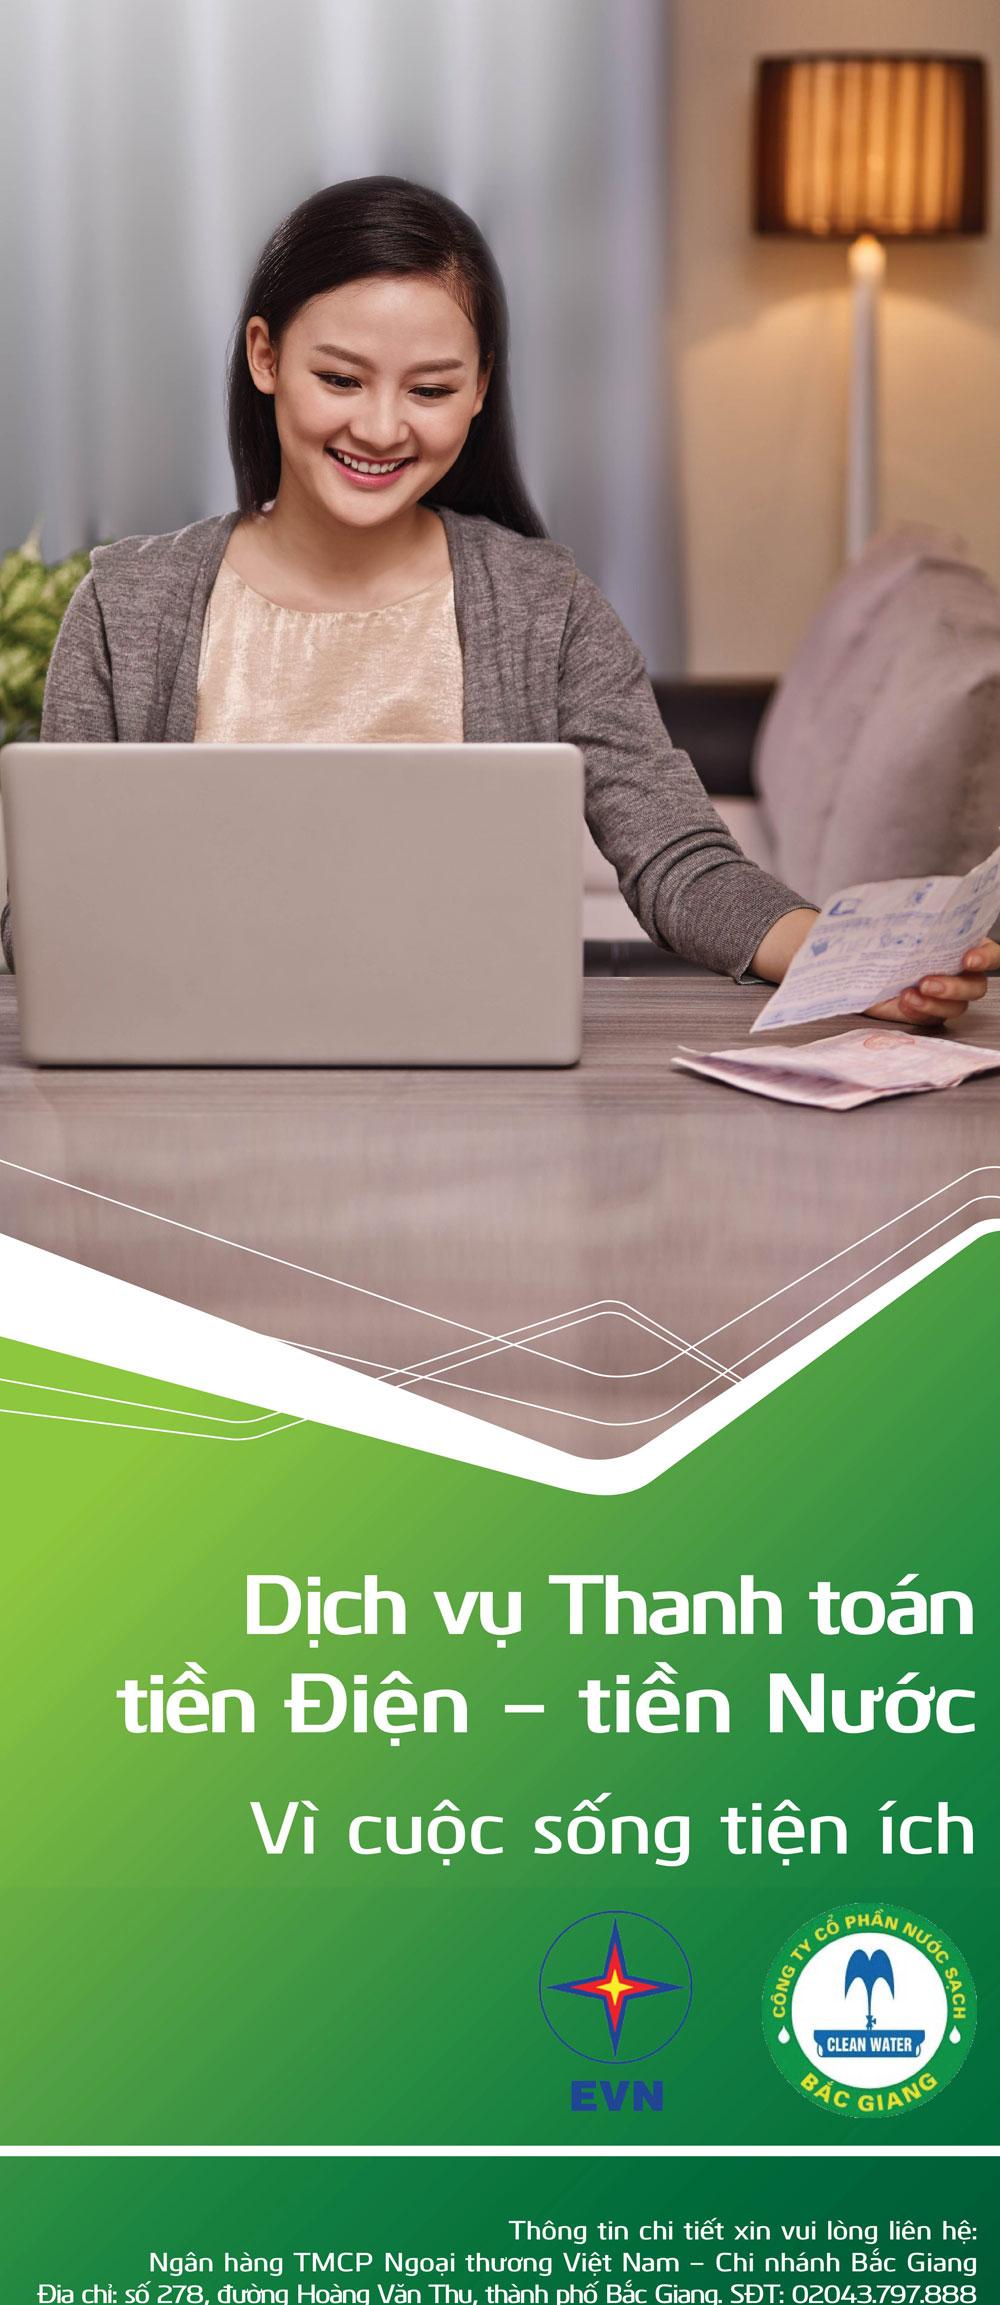 Ngân hàng TMCP Ngoại thương Việt Nam – Chi nhánh Bắc Giang (Vietcombank Bắc Giang)